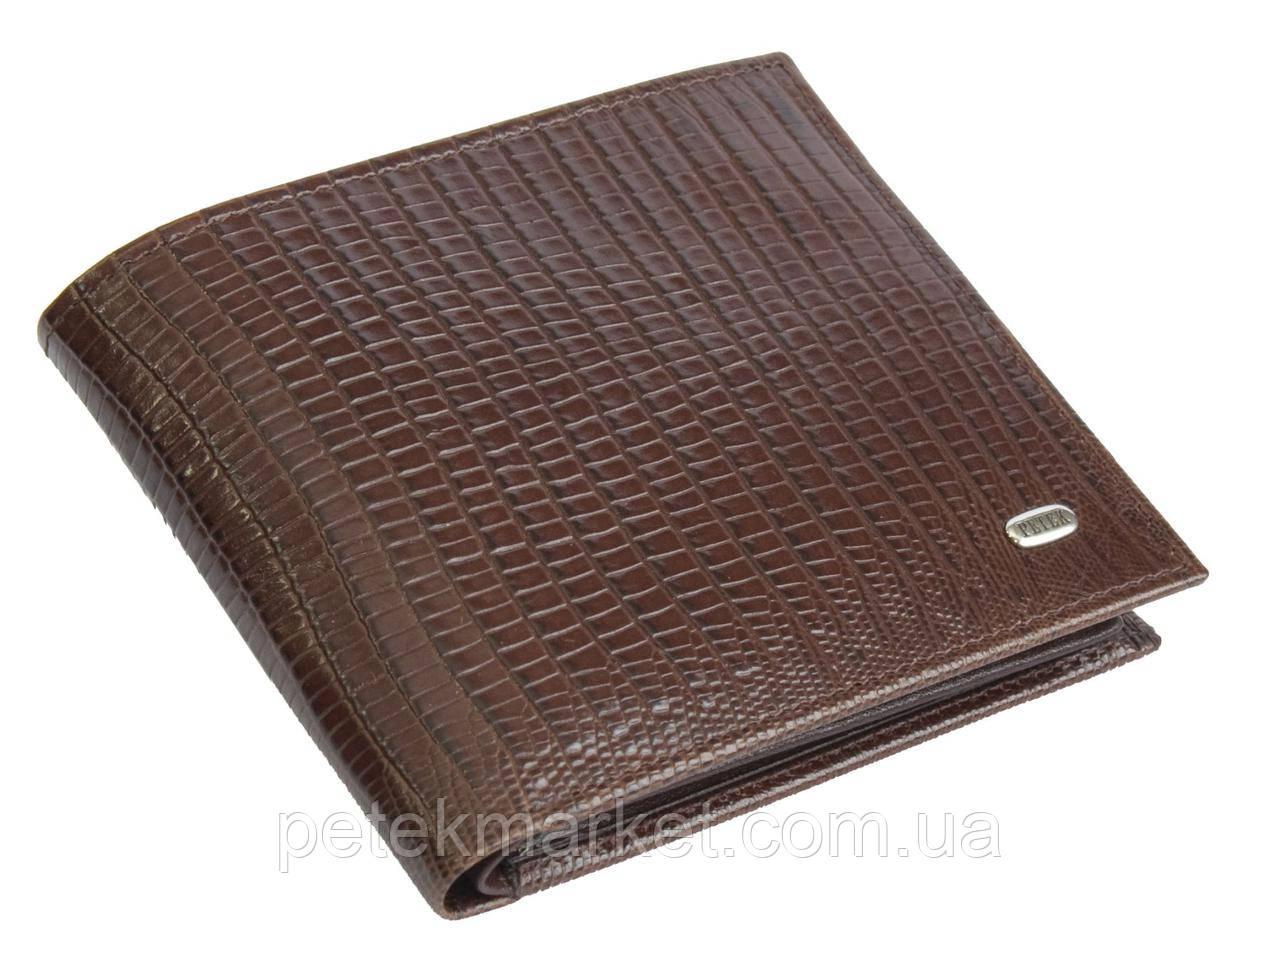 Кожаное мужское портмоне Petek 205